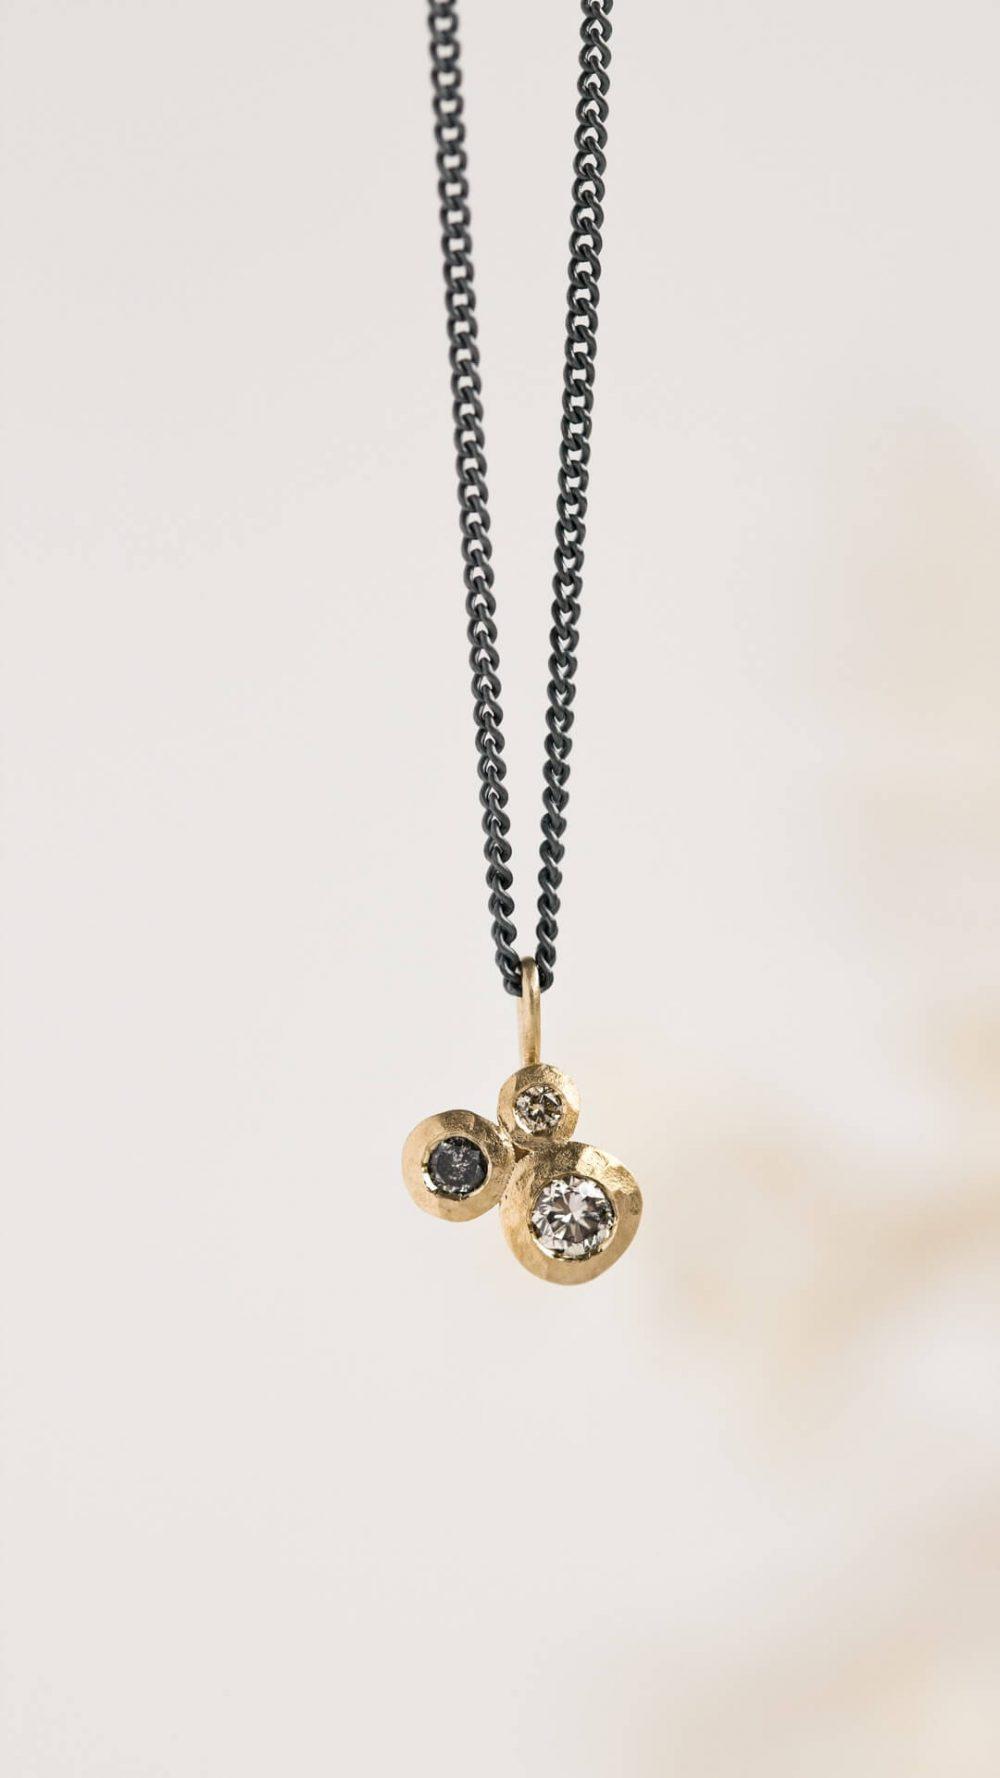 Gold Diamond Necklace Pendant Oxidised Silver Chain Jacks Turner Jewellery Bristol